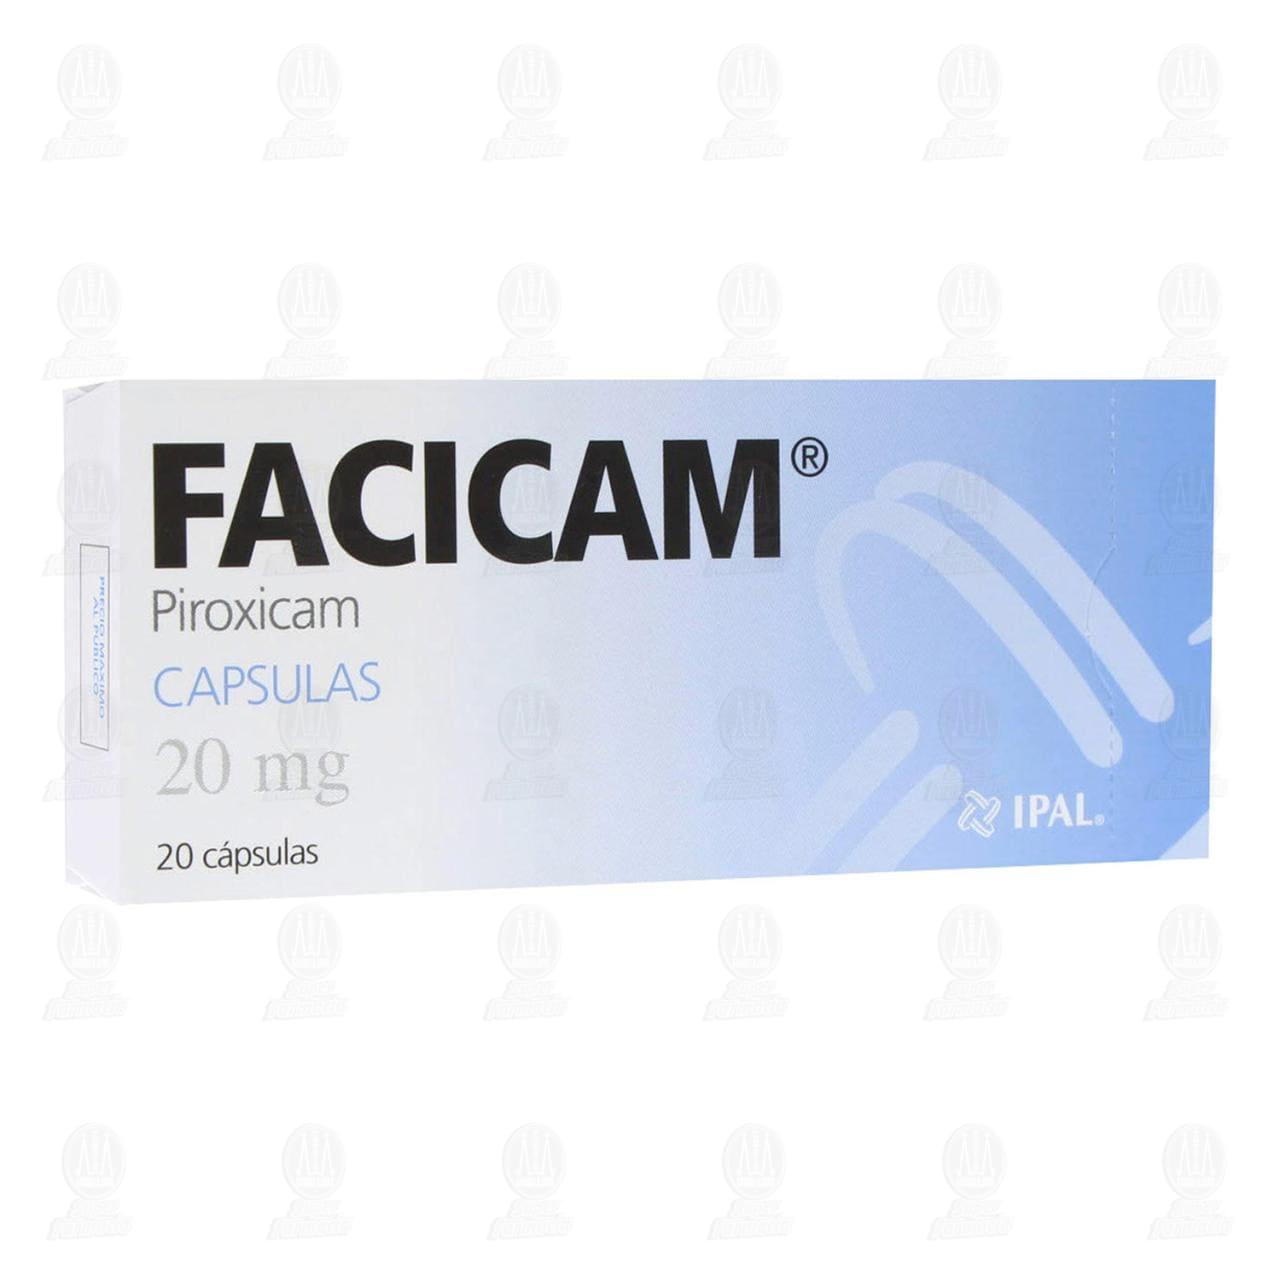 Comprar Facicam 20mg 20 Cápsulas en Farmacias Guadalajara